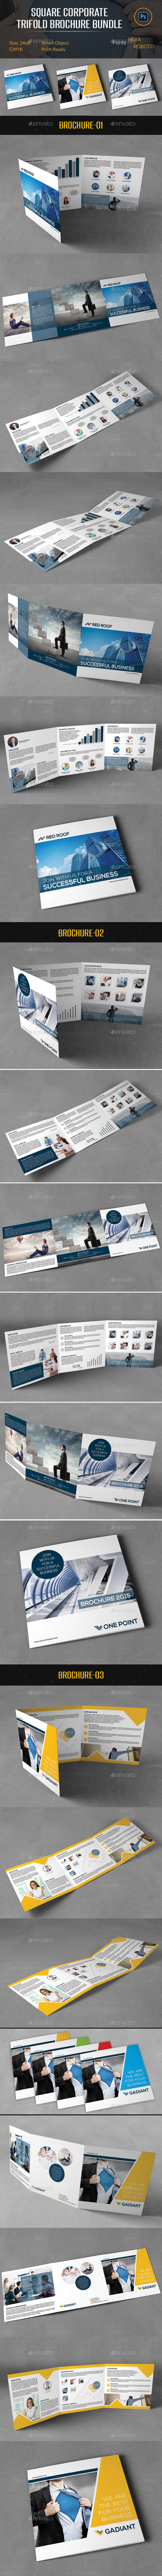 GraphicRiver Square Corporate Trifold Brochure Bundle 10544210